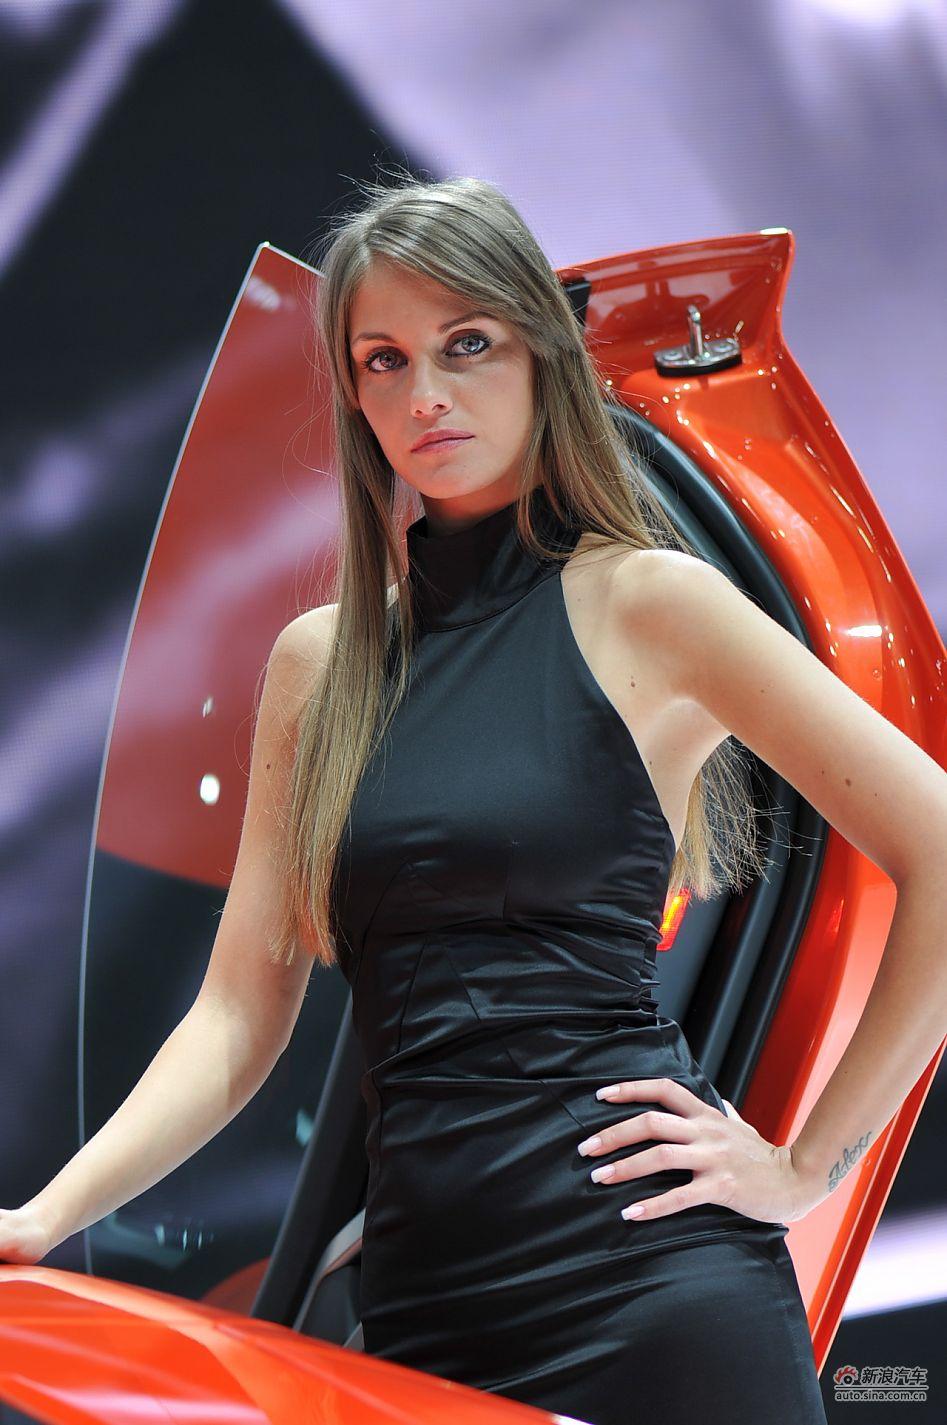 兰博基尼3号模特